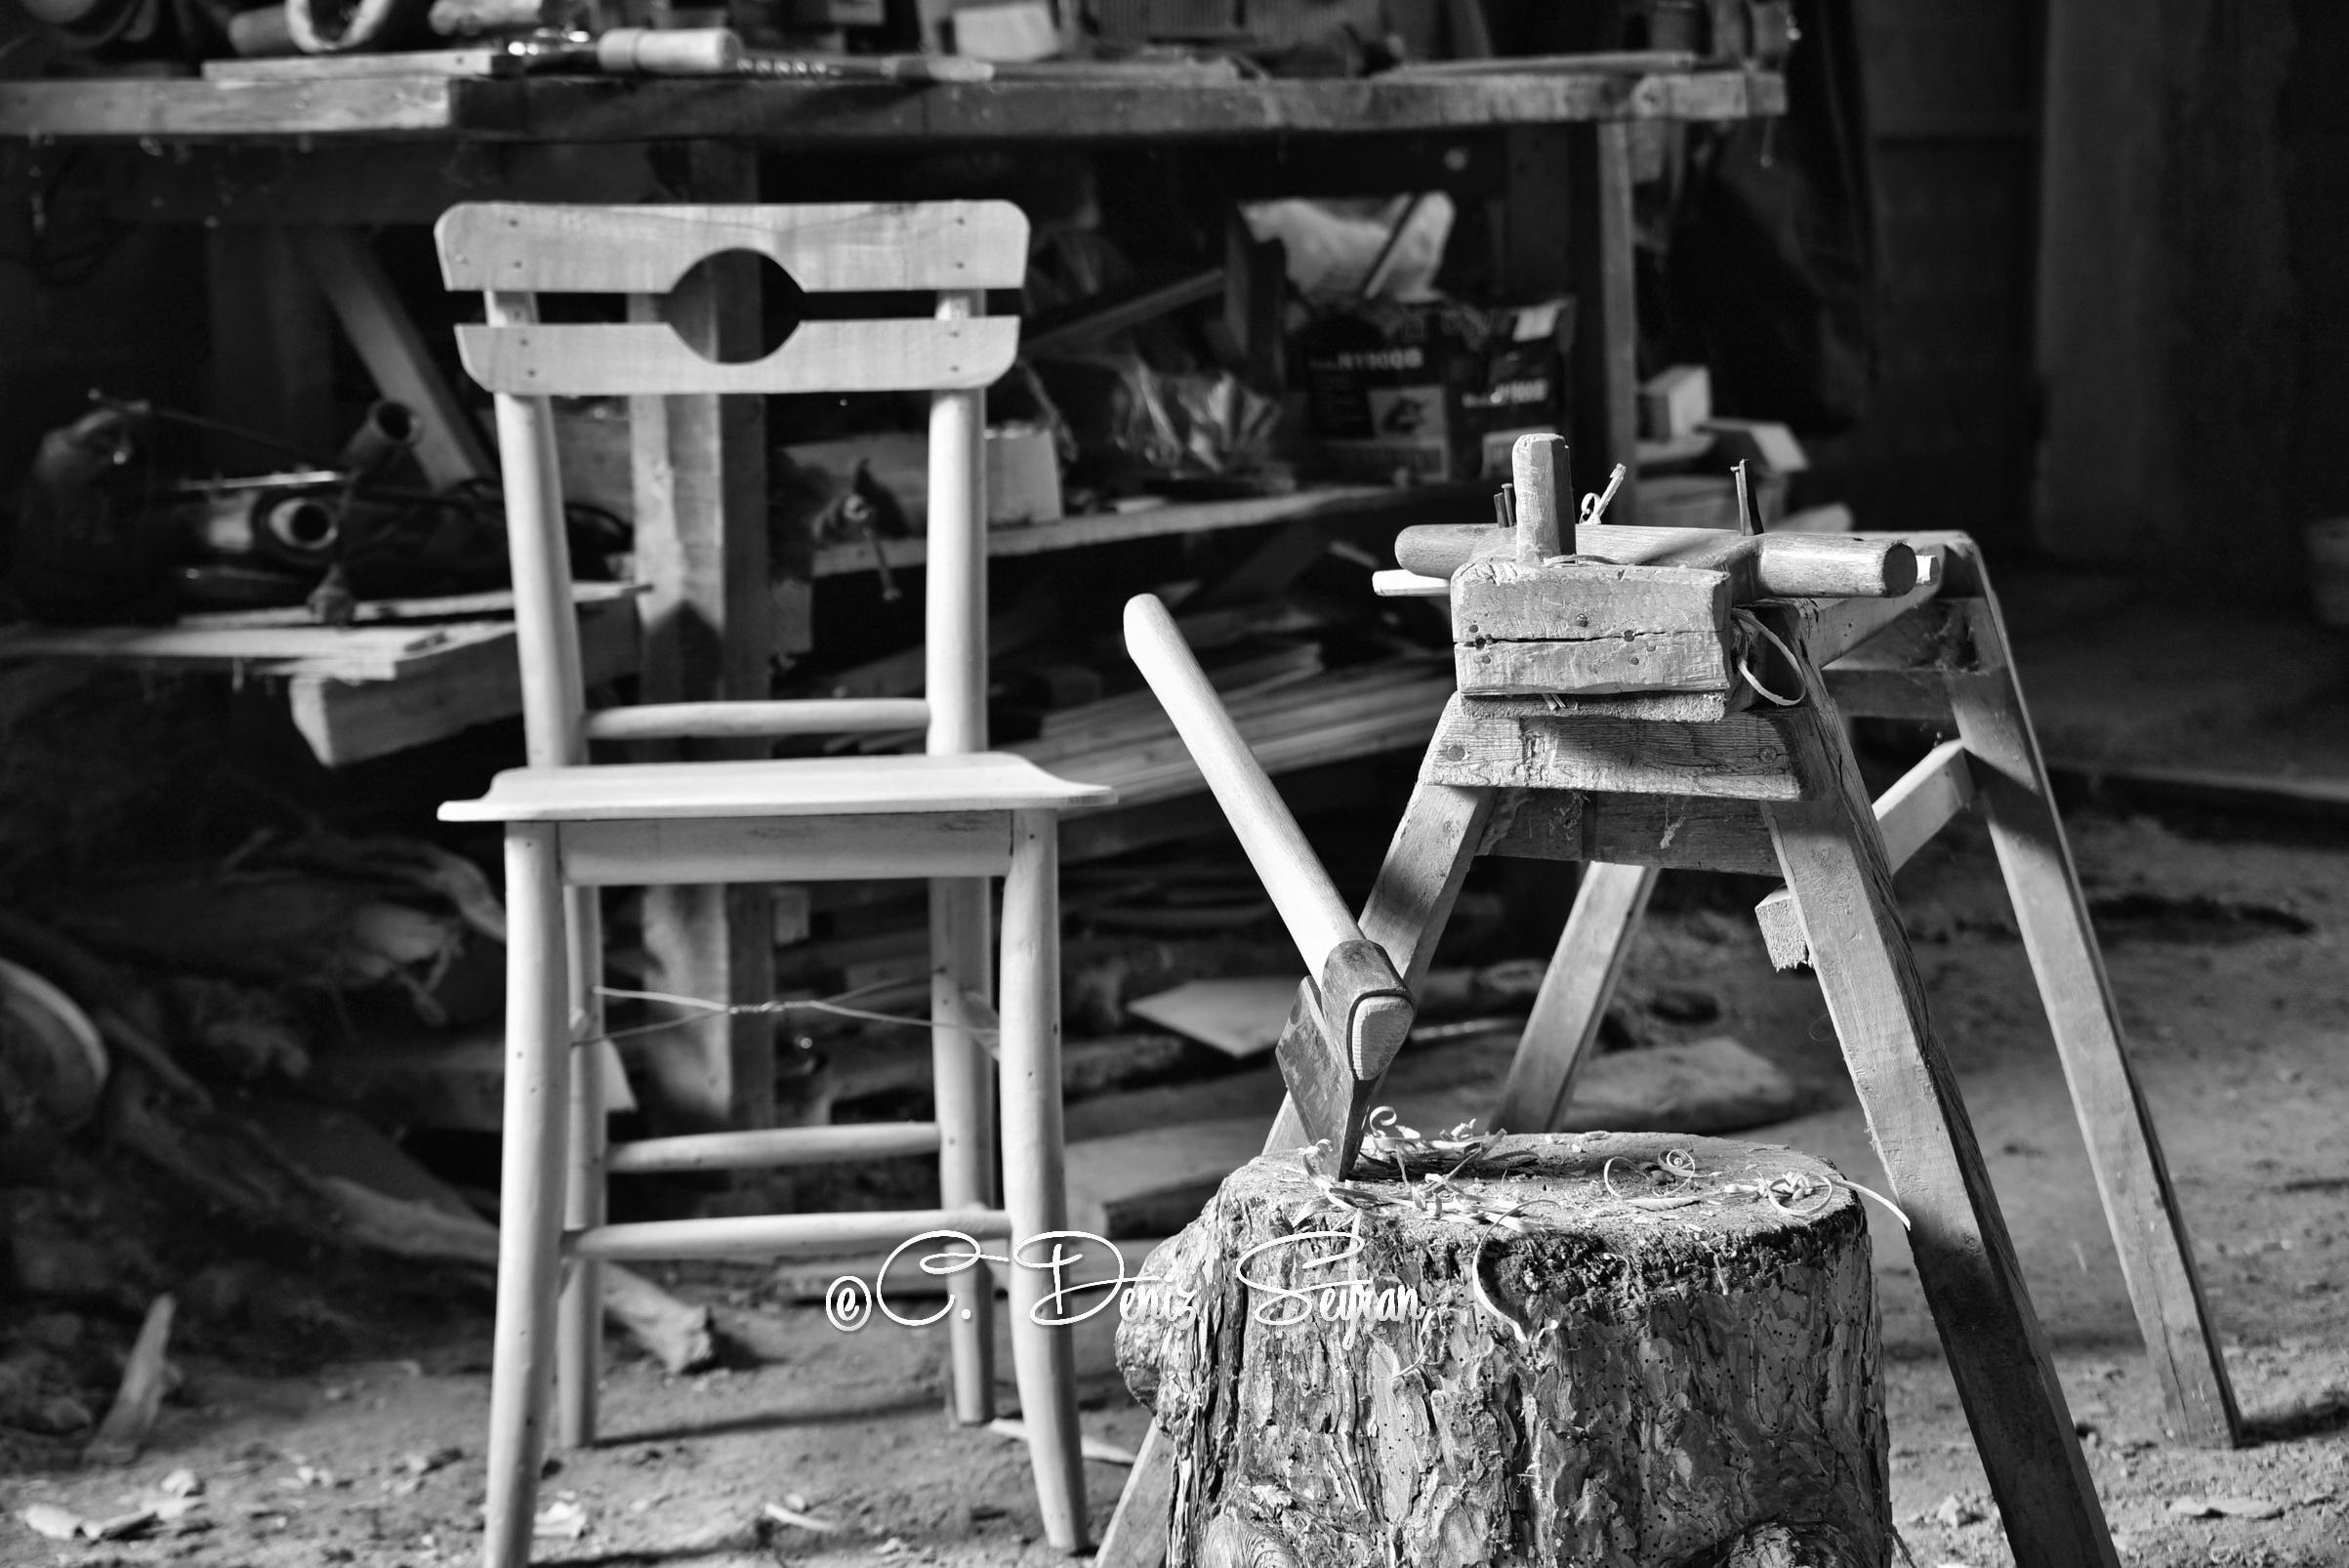 sandalye, deniz seyran